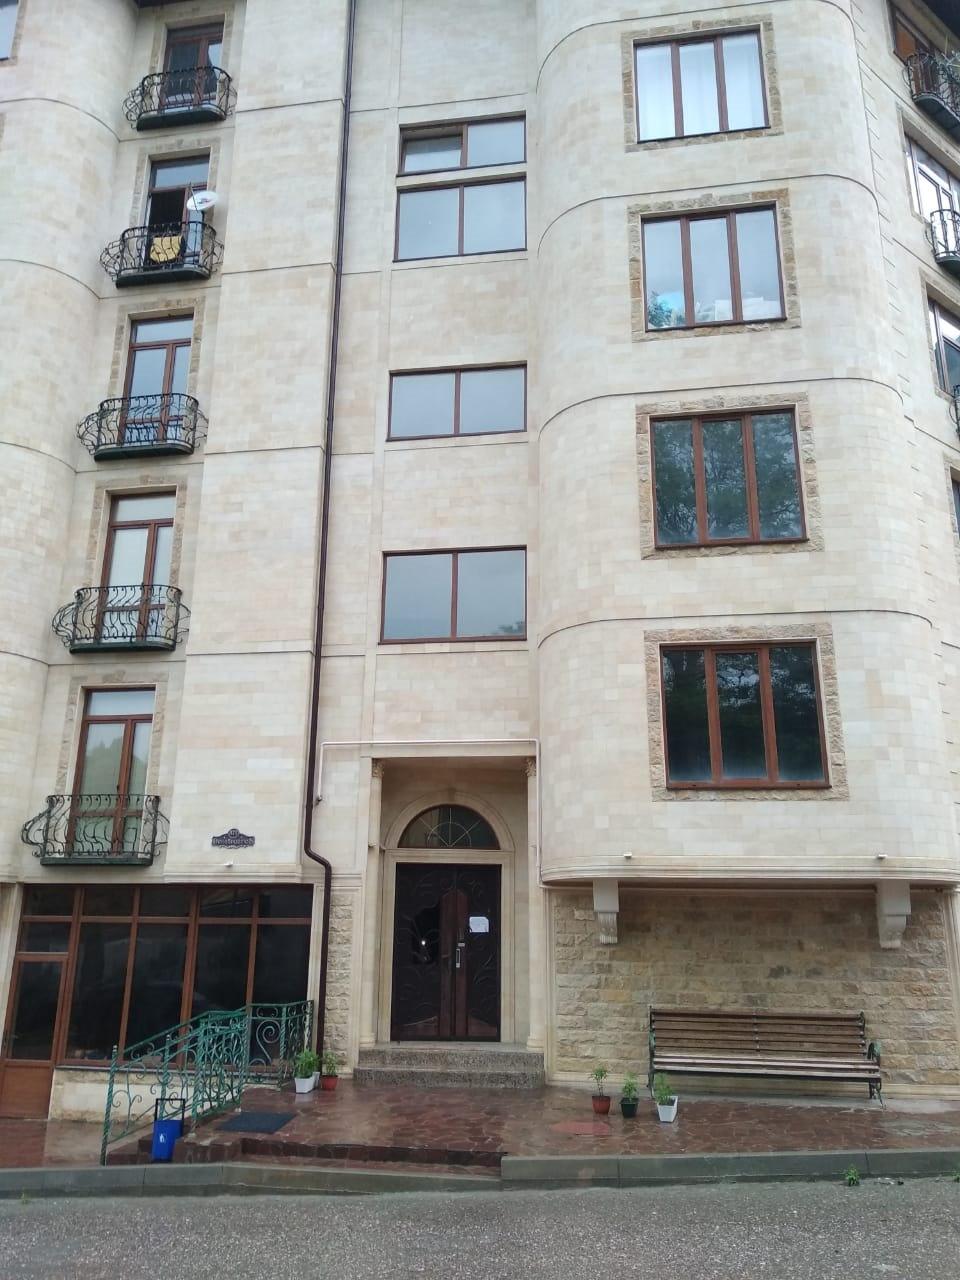 d10999dd67f47 Купить квартиру на улице Декабристов в Кисловодске: 51 объявление о ...